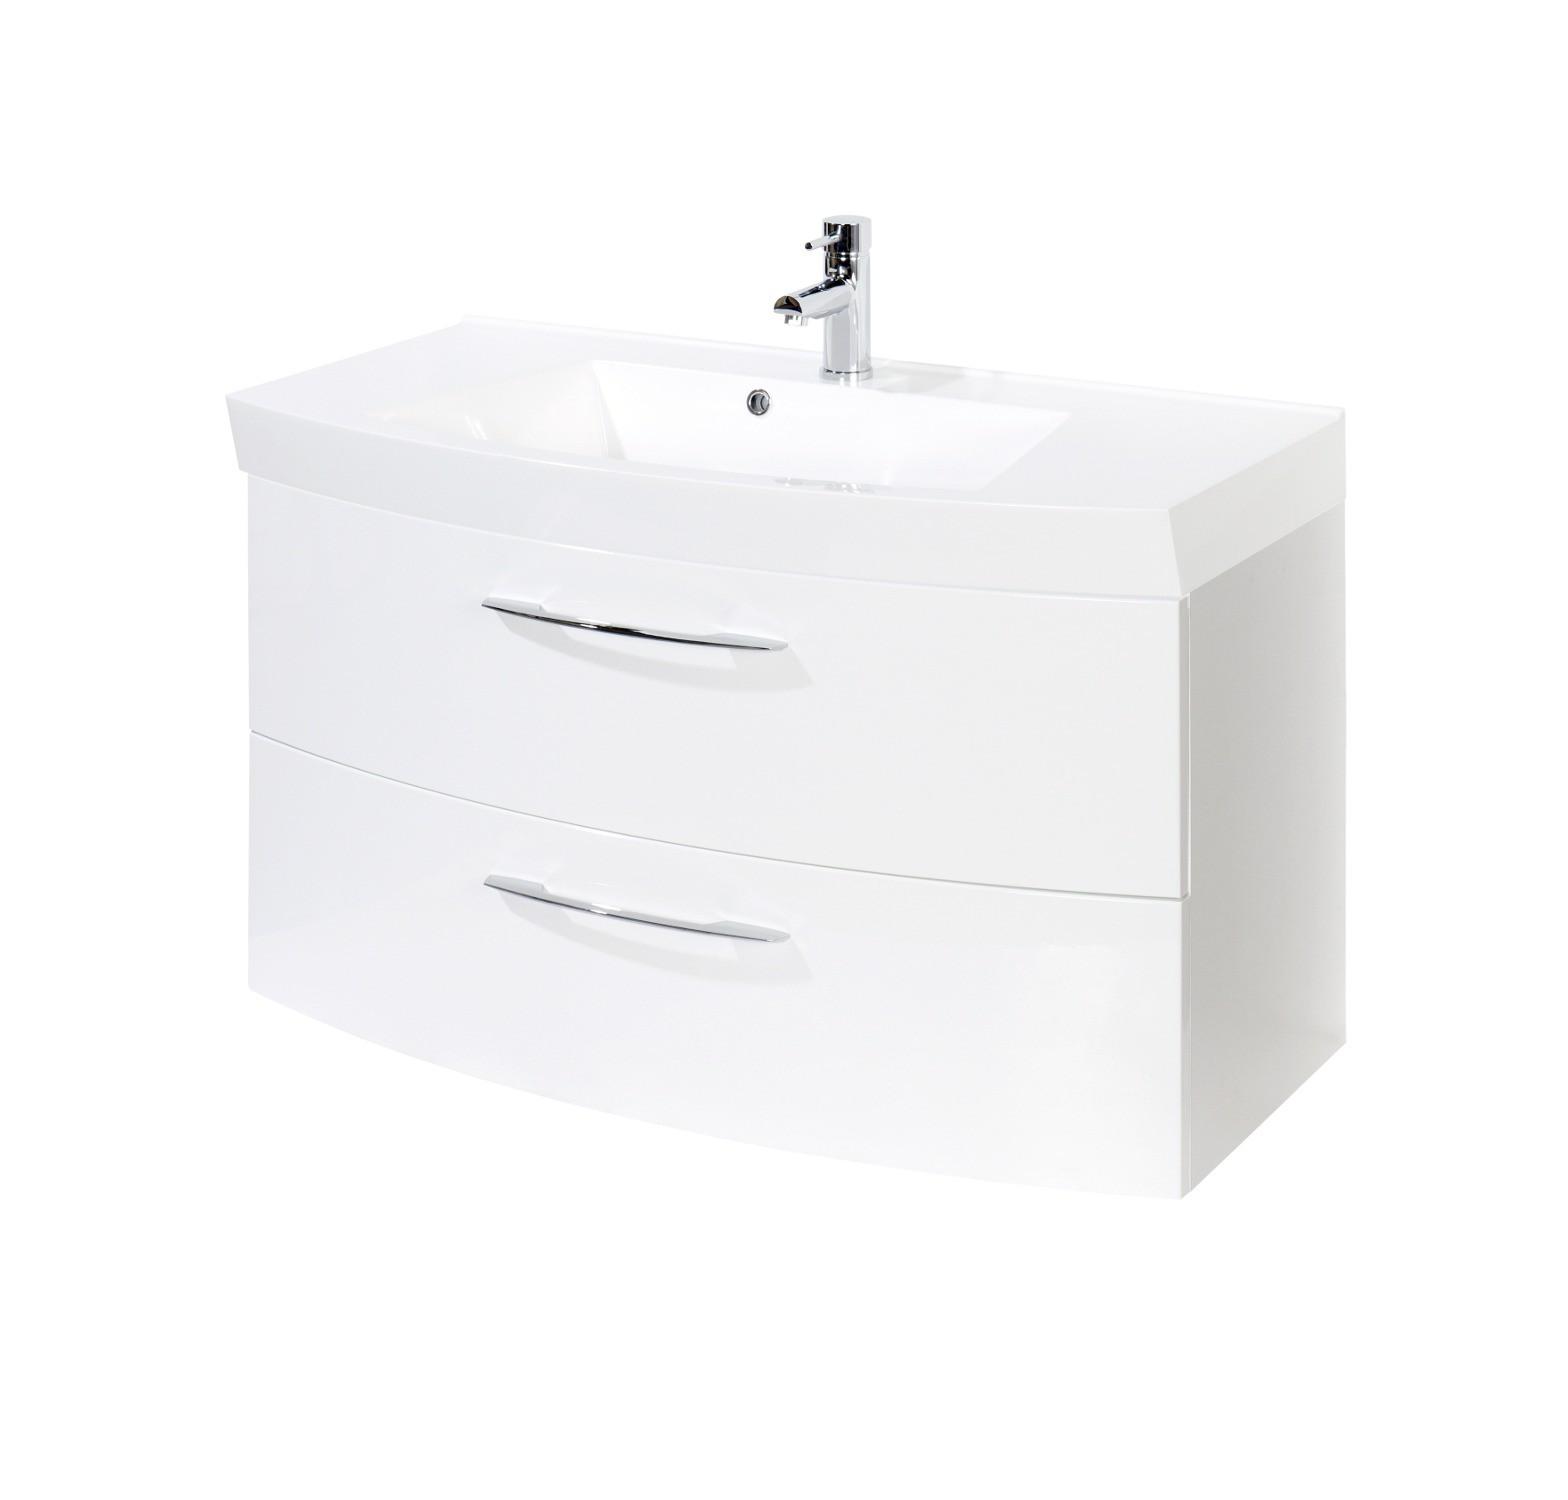 Bad waschtisch florida 2 ausz ge 100 cm breit for Bad waschtisch